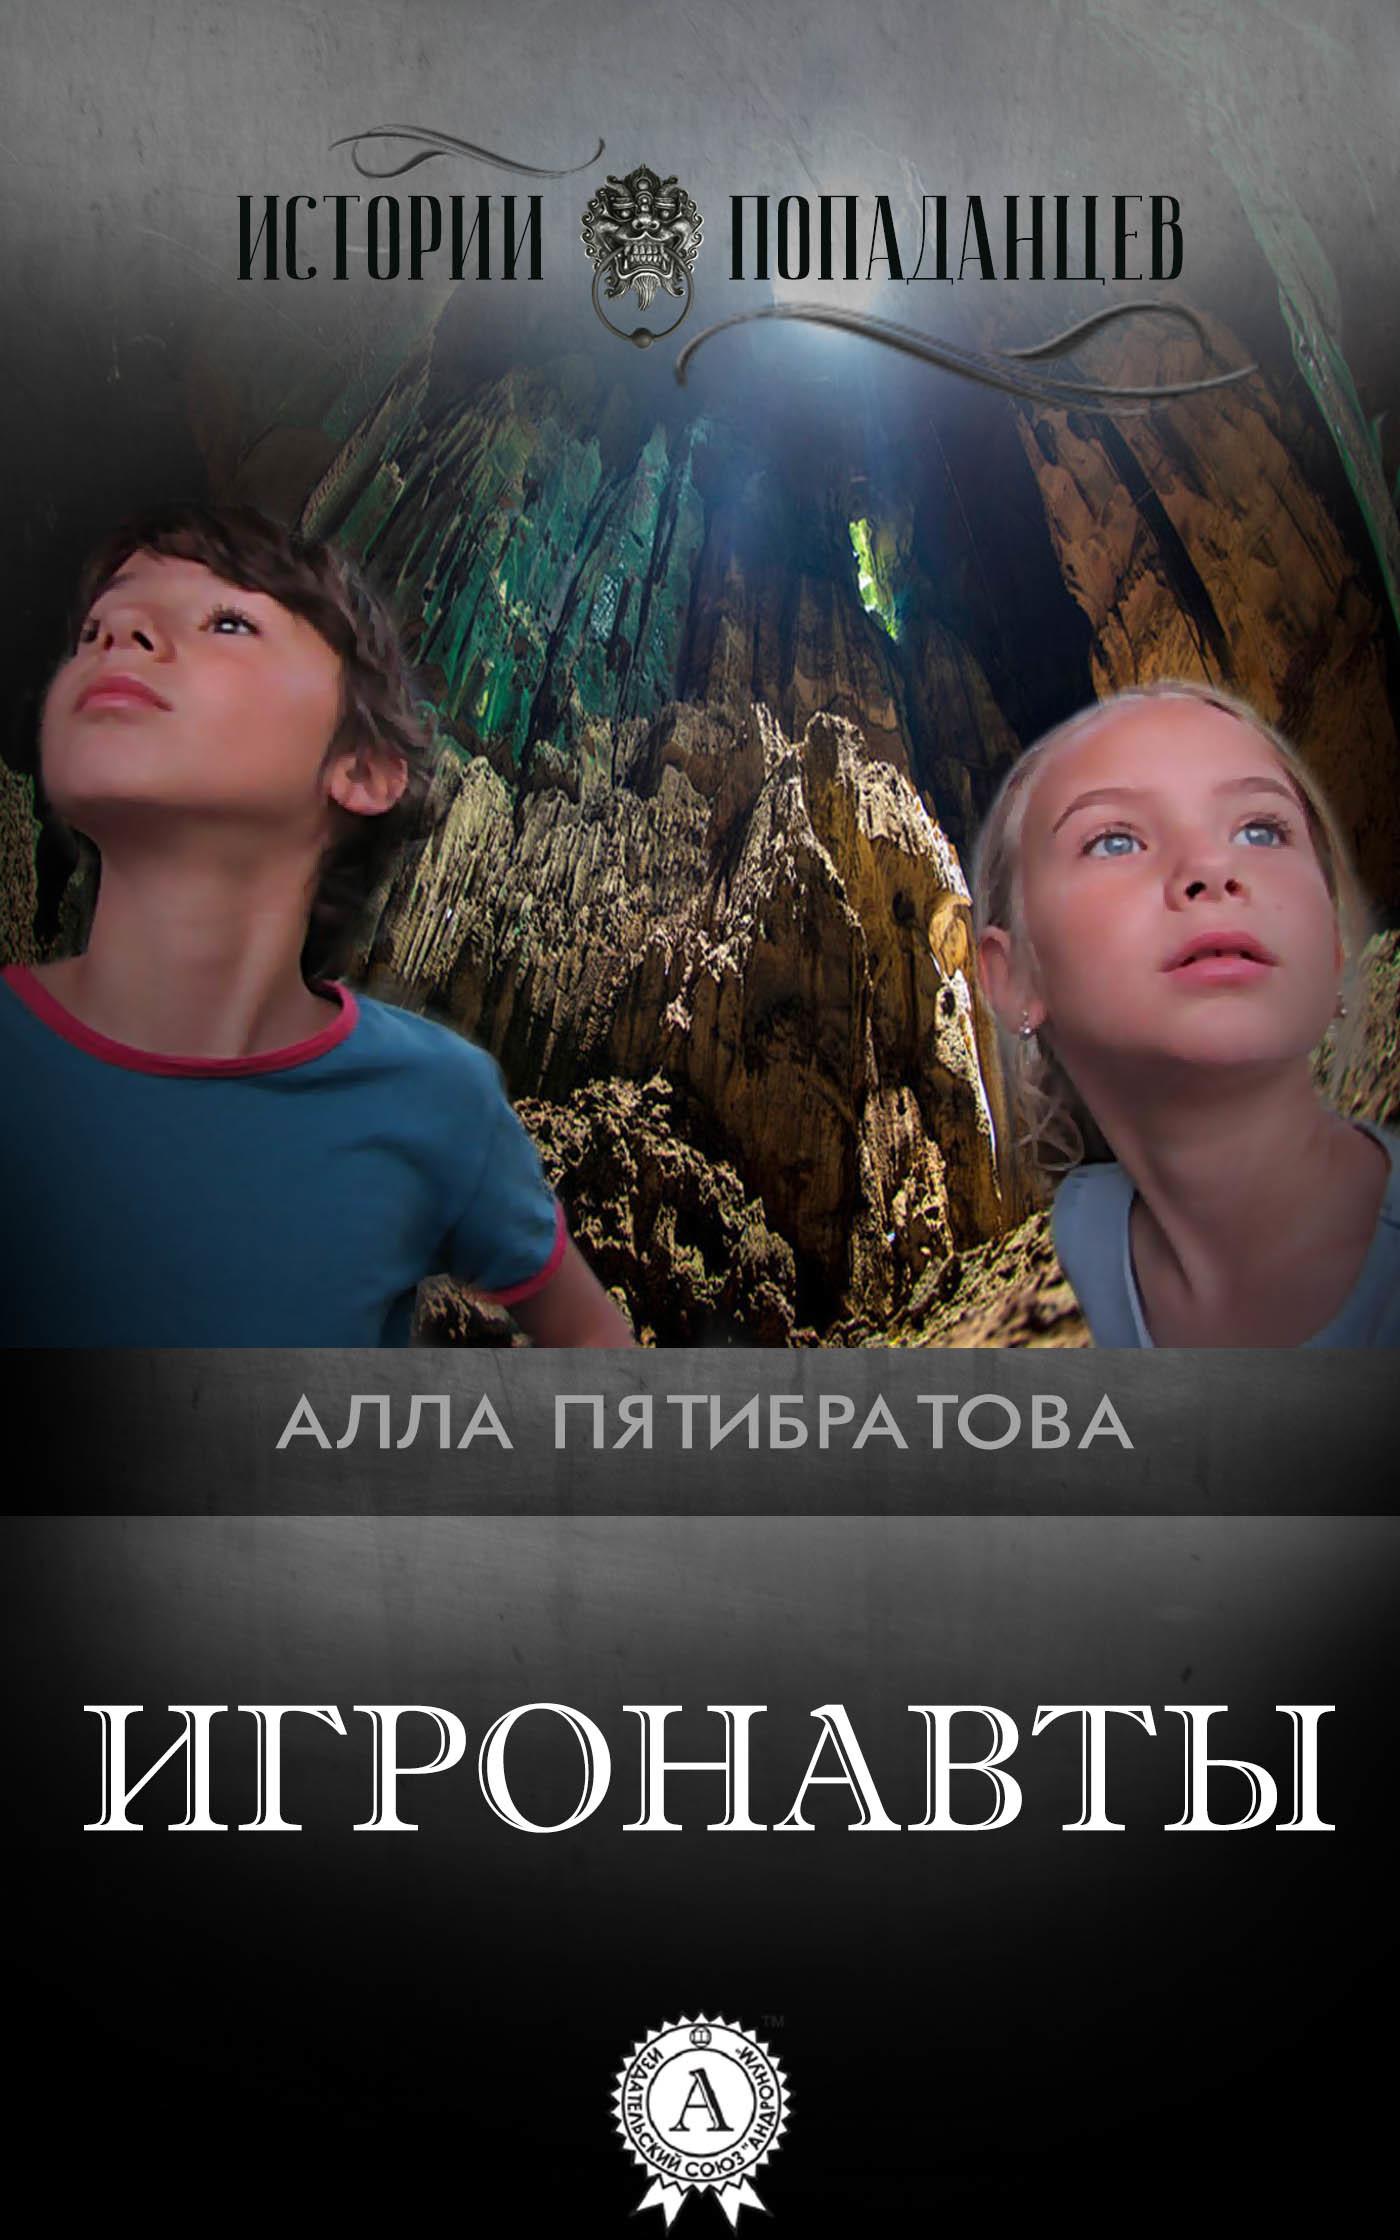 Алла Пятибратова - Игронавты